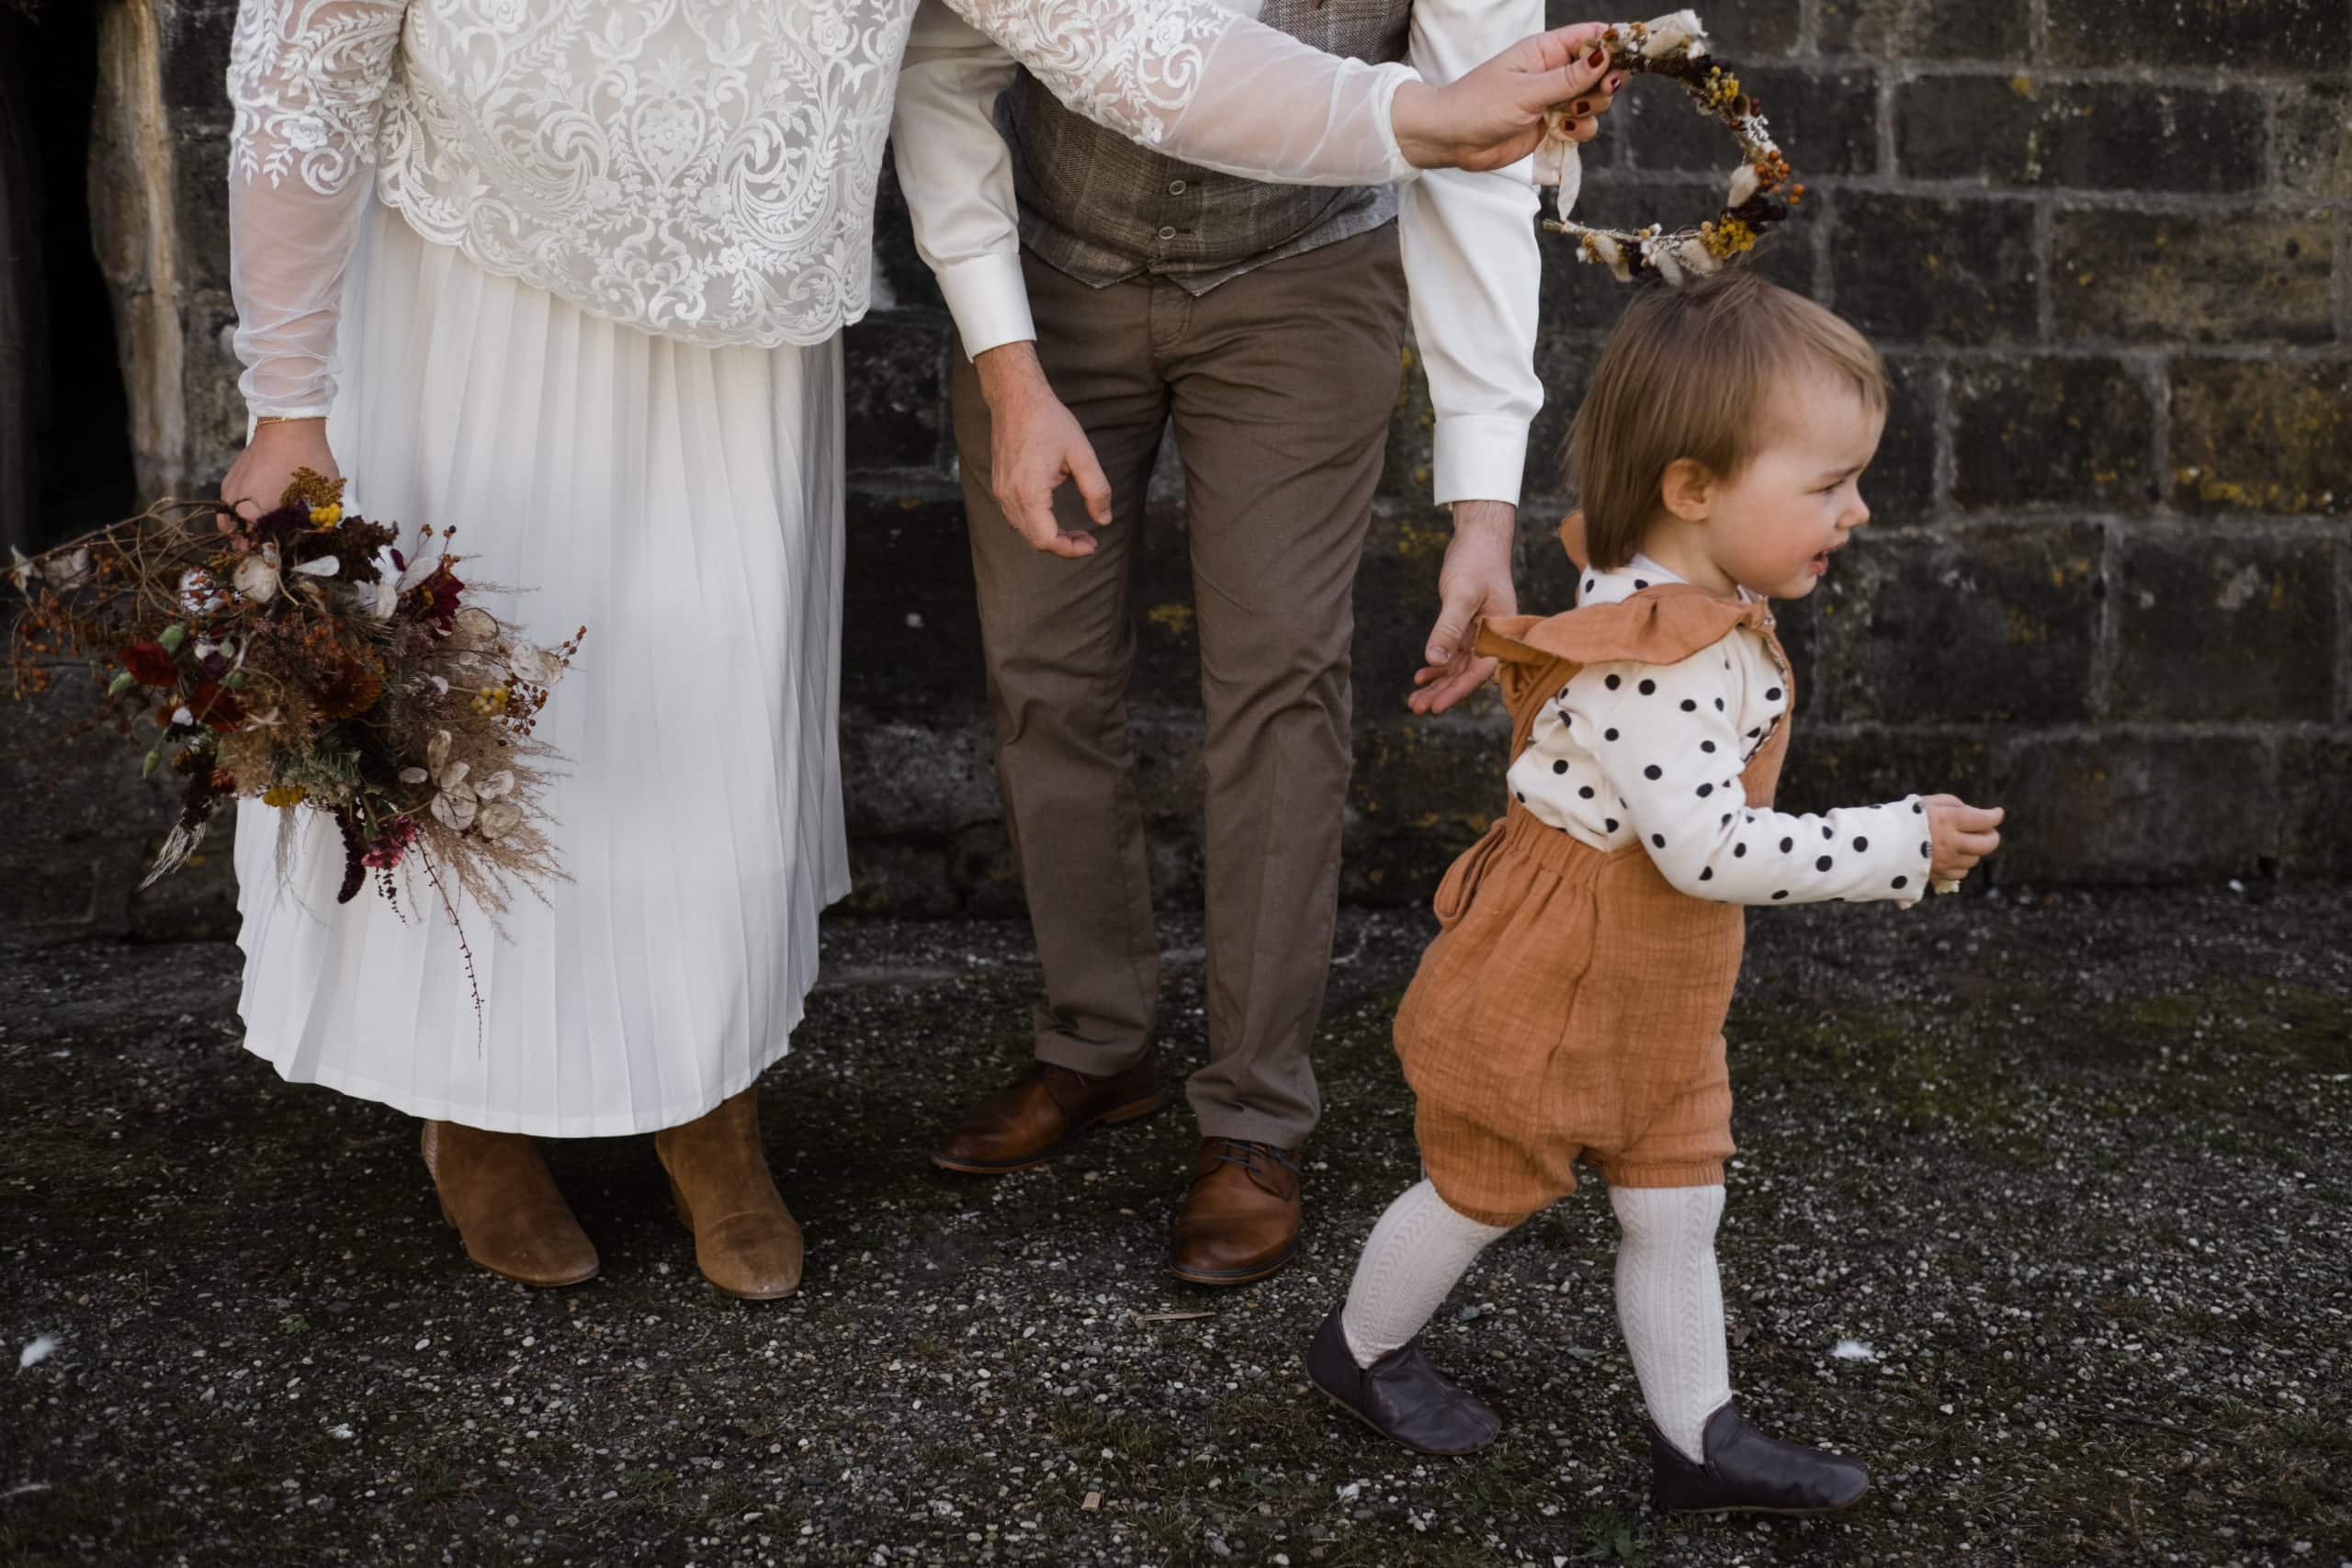 Hochzeitsfotografie-Hamburg- Hochzeitsbilder Hamburg- Kind flüchtet vor dem offiziellen Hochzeitsfoto mit den Brautpaar.